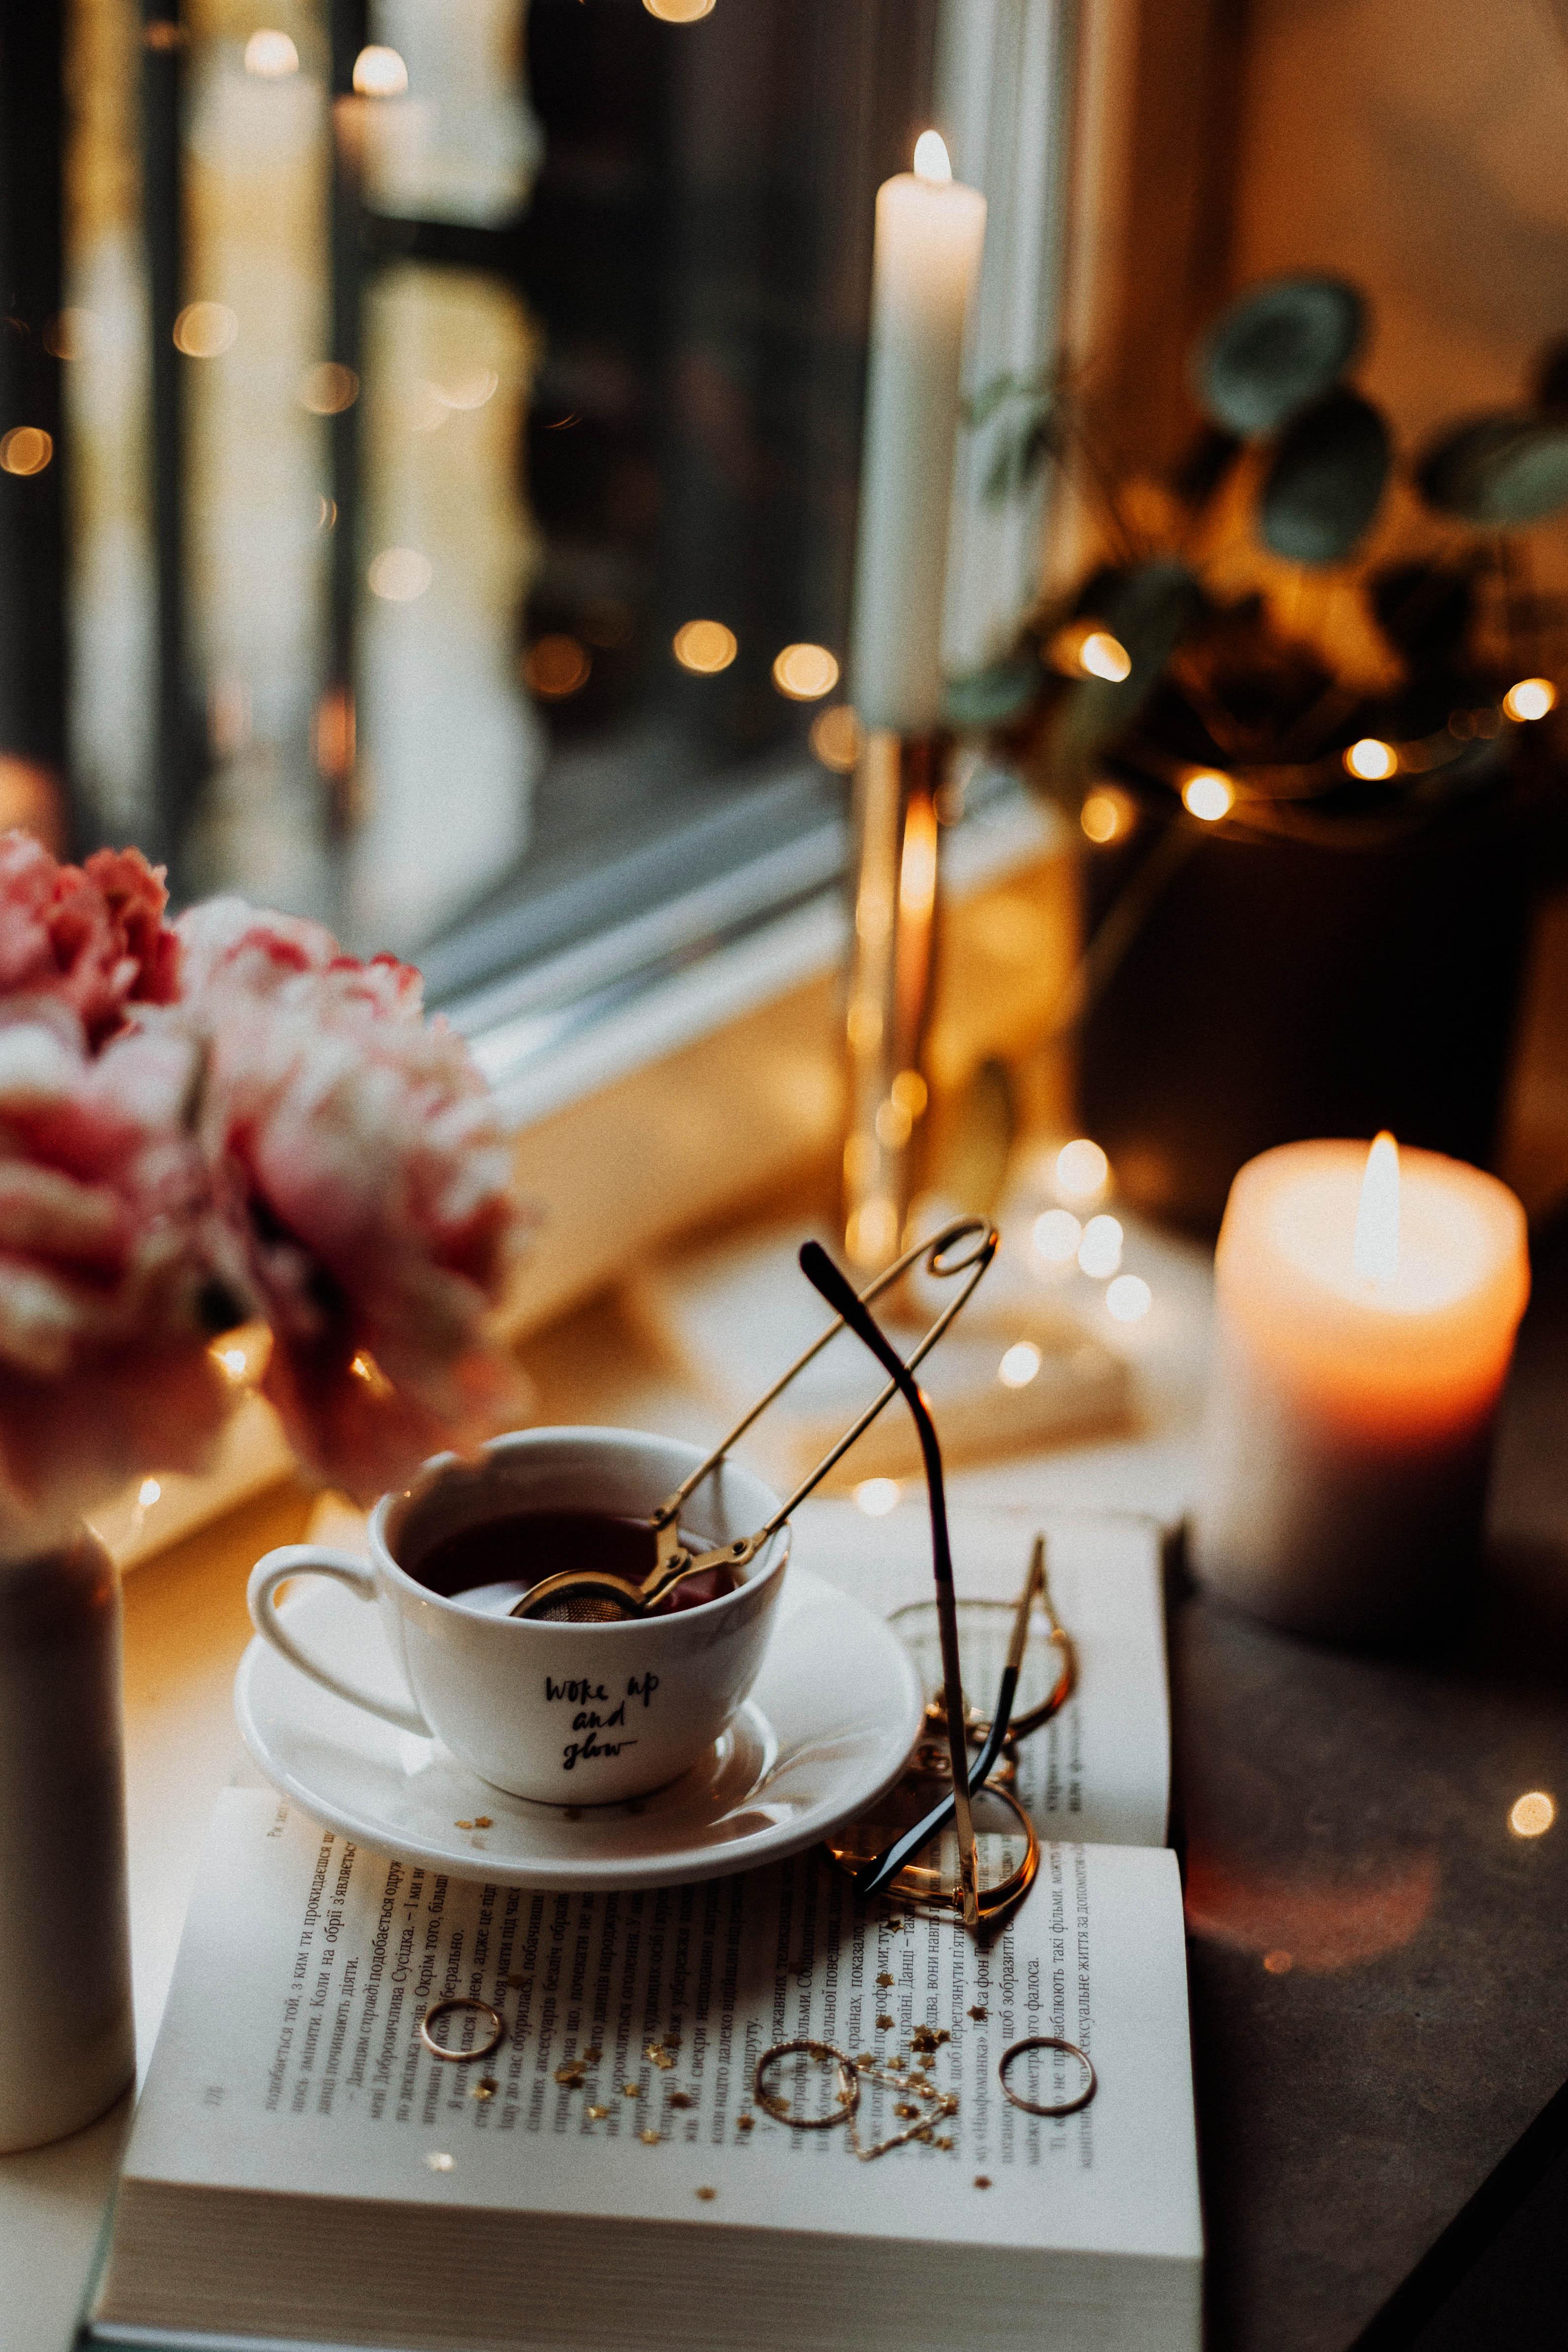 cung hoàng đạo nến thơm và cà phê